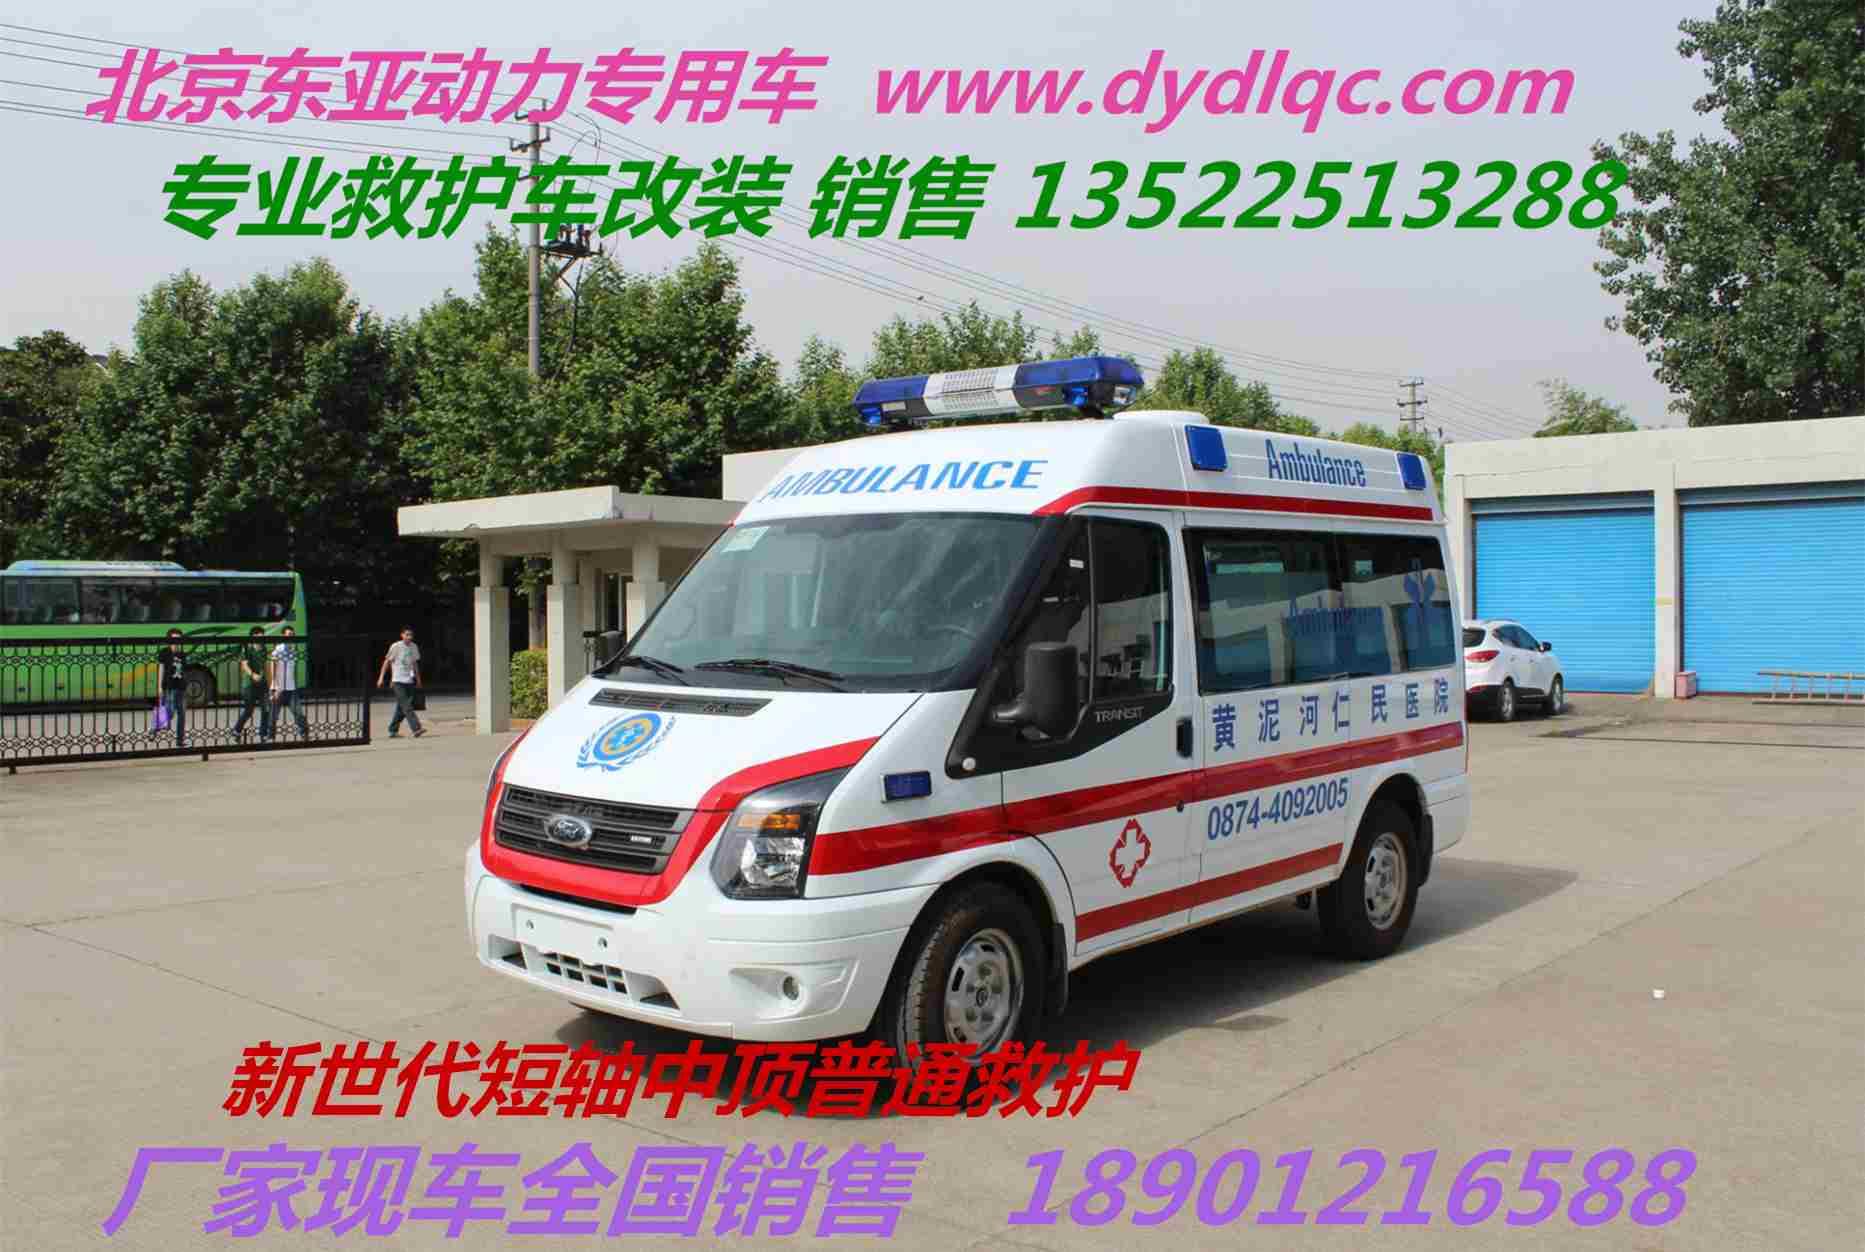 新世代全顺长轴中顶转运型救护车18901216588   13522513288